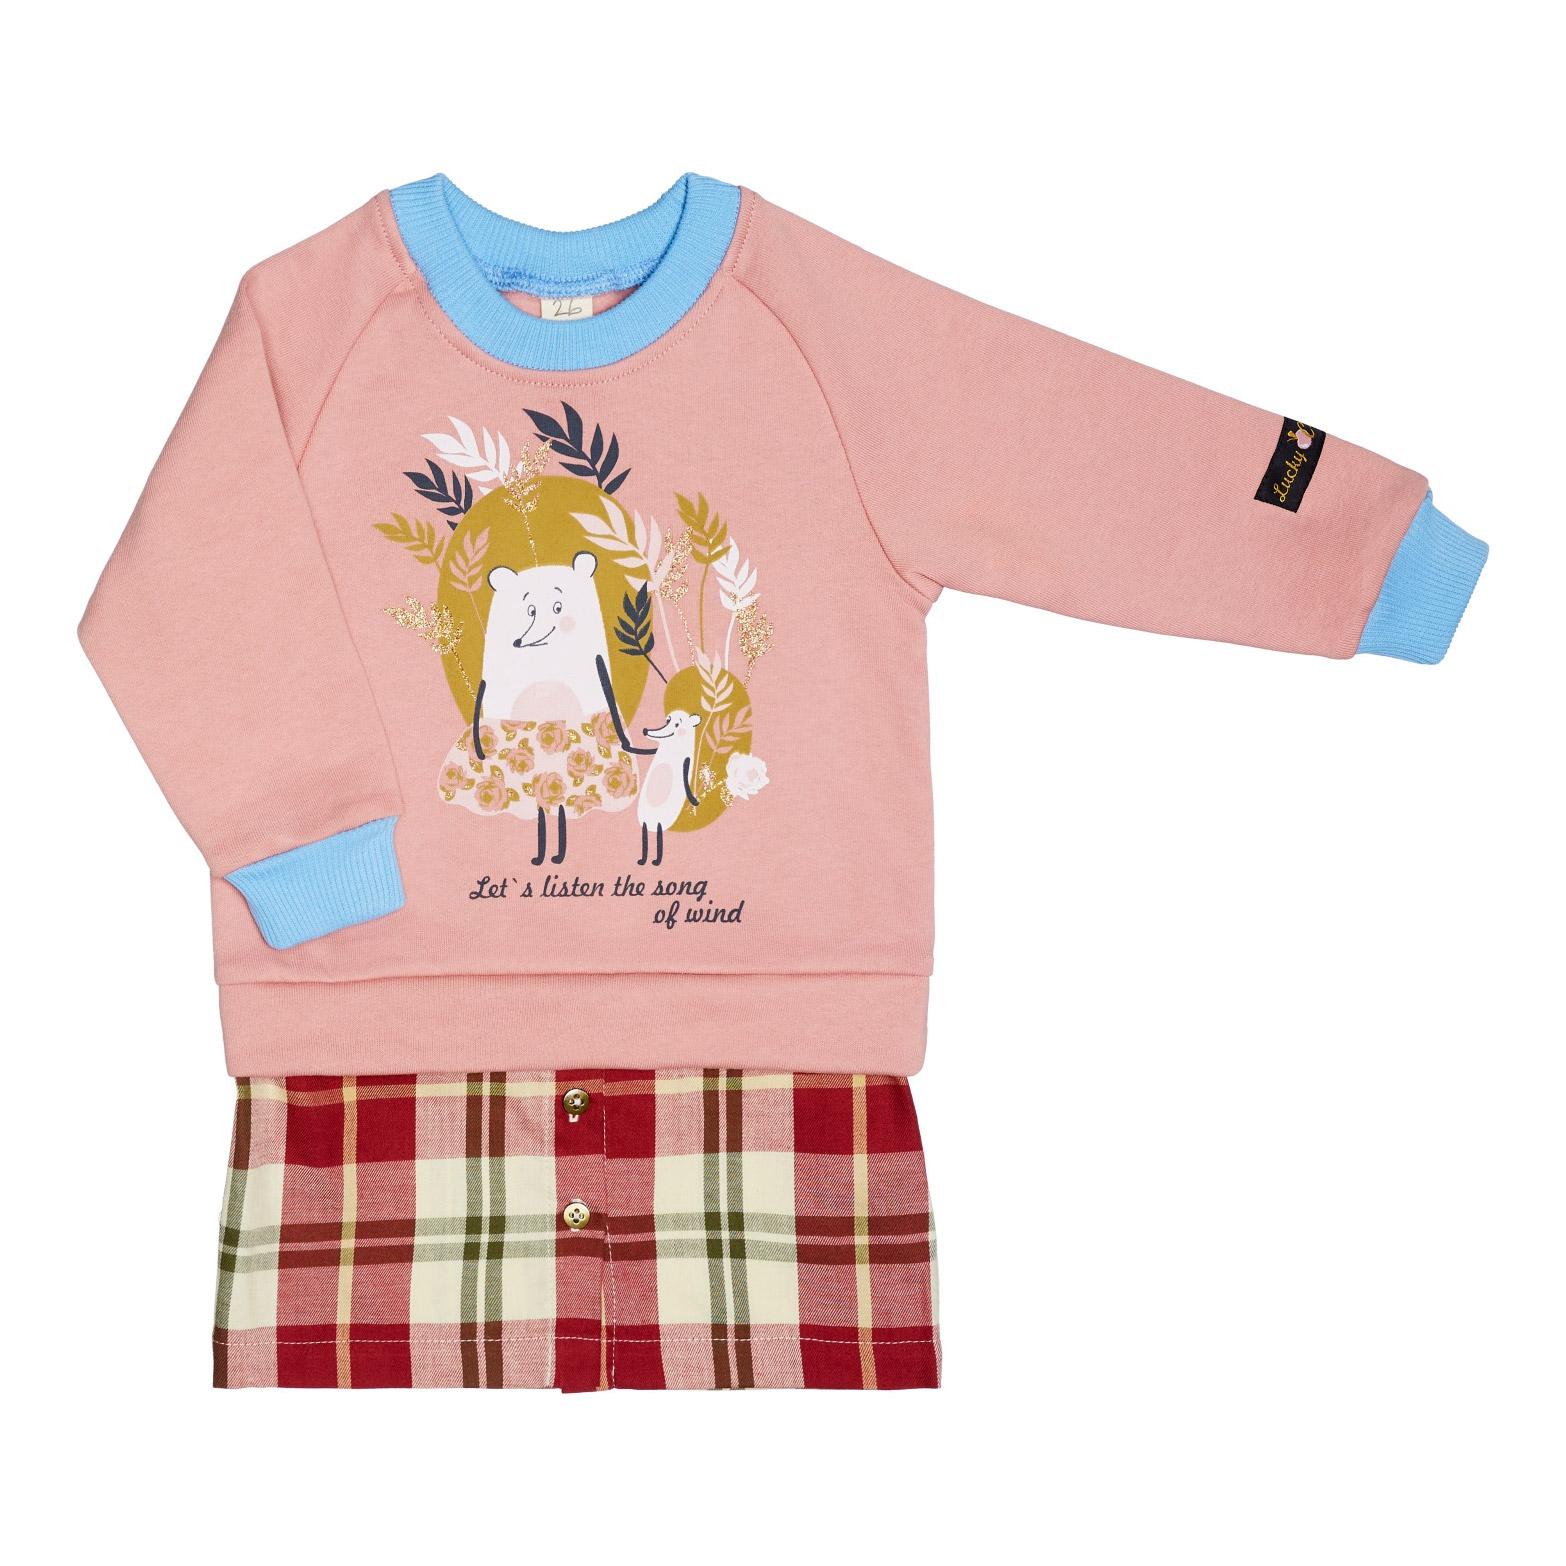 Купить Платье Lucky Child Осенний лес розовое 128-134, Розовый, Футер, Для девочек, Осень-Зима,